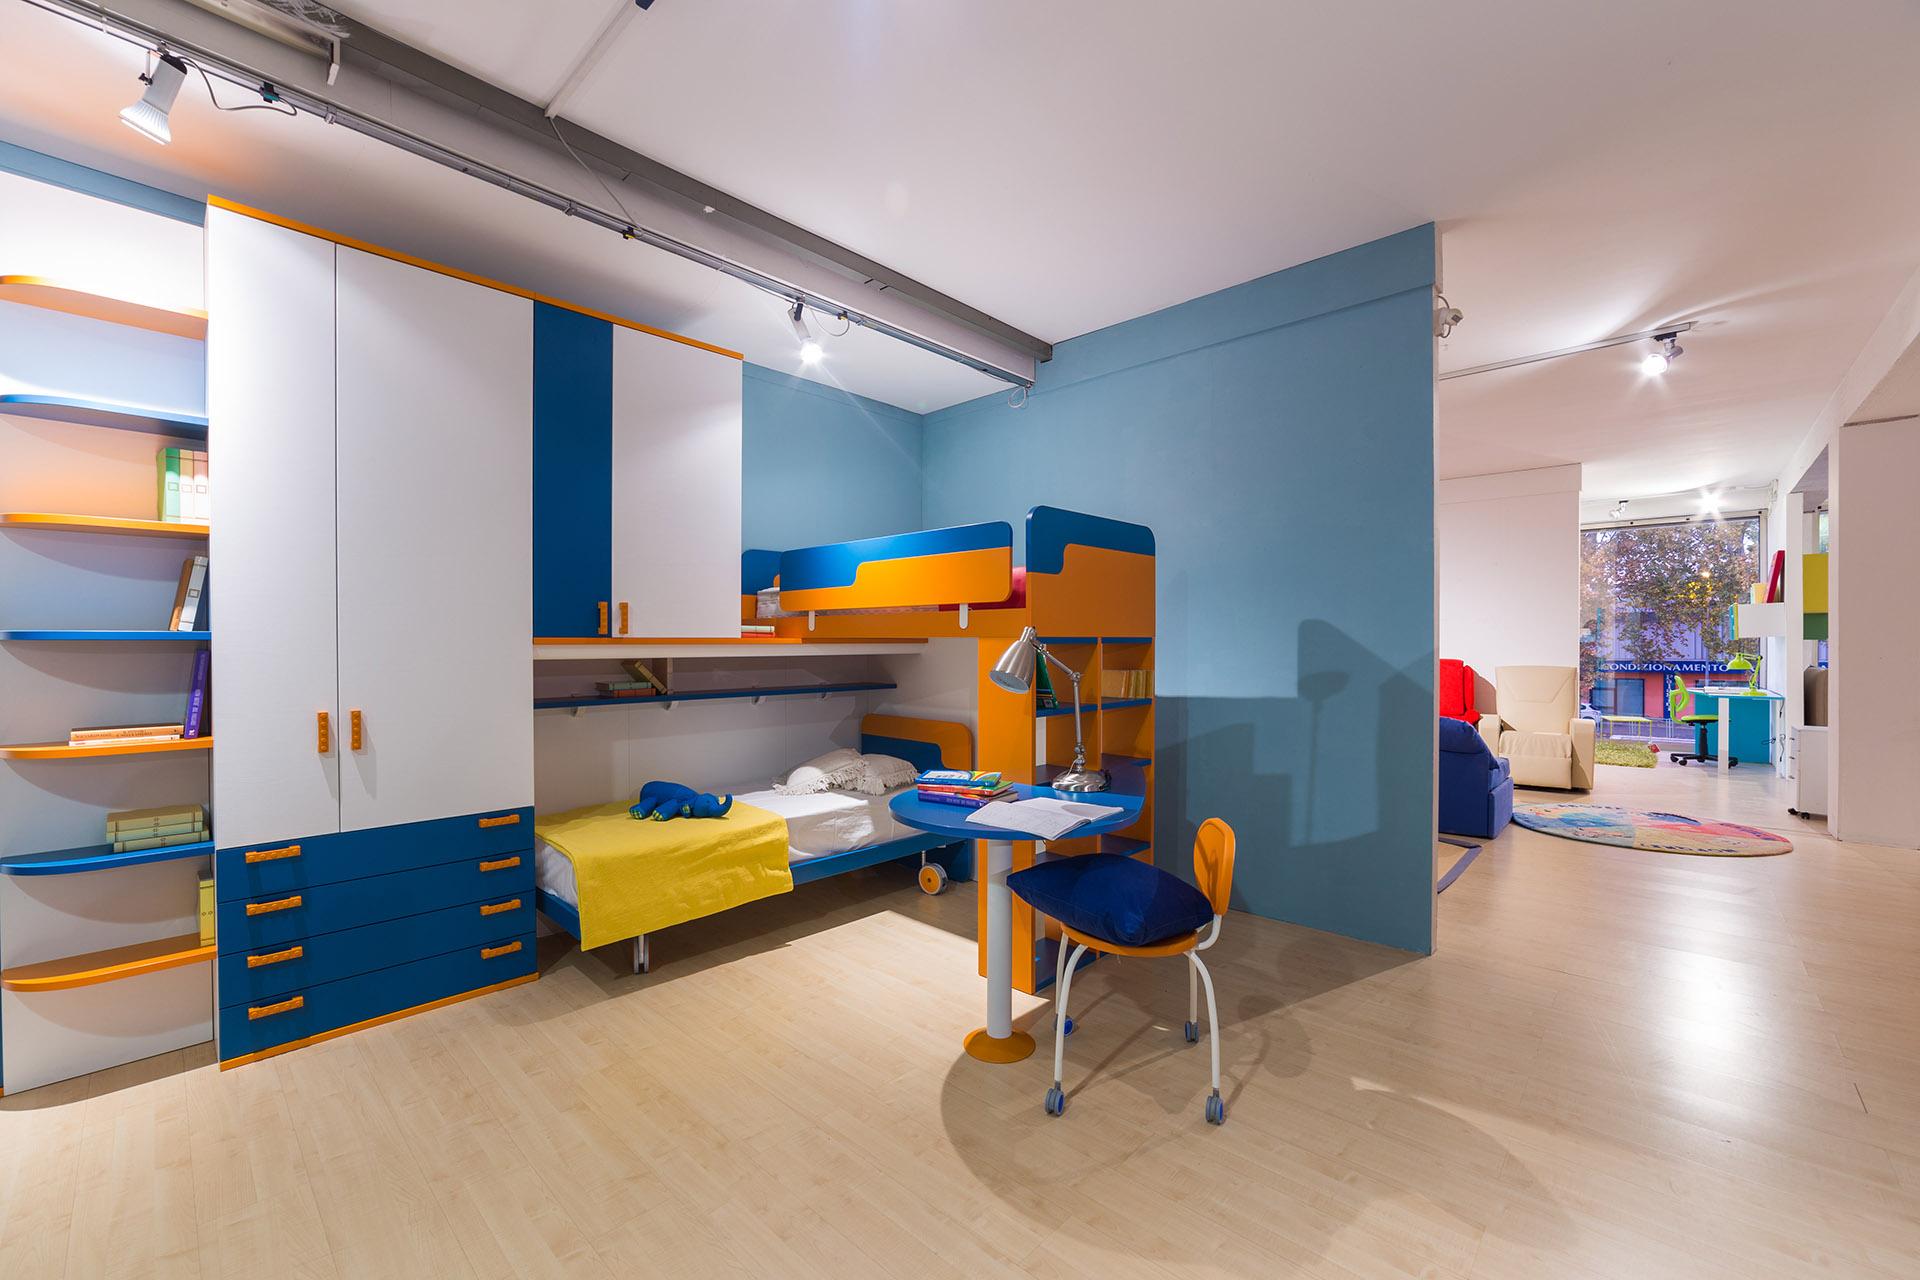 Evoluzione interni mobili e complementi d arredo a poggibonsi siena - Mobili poggibonsi ...